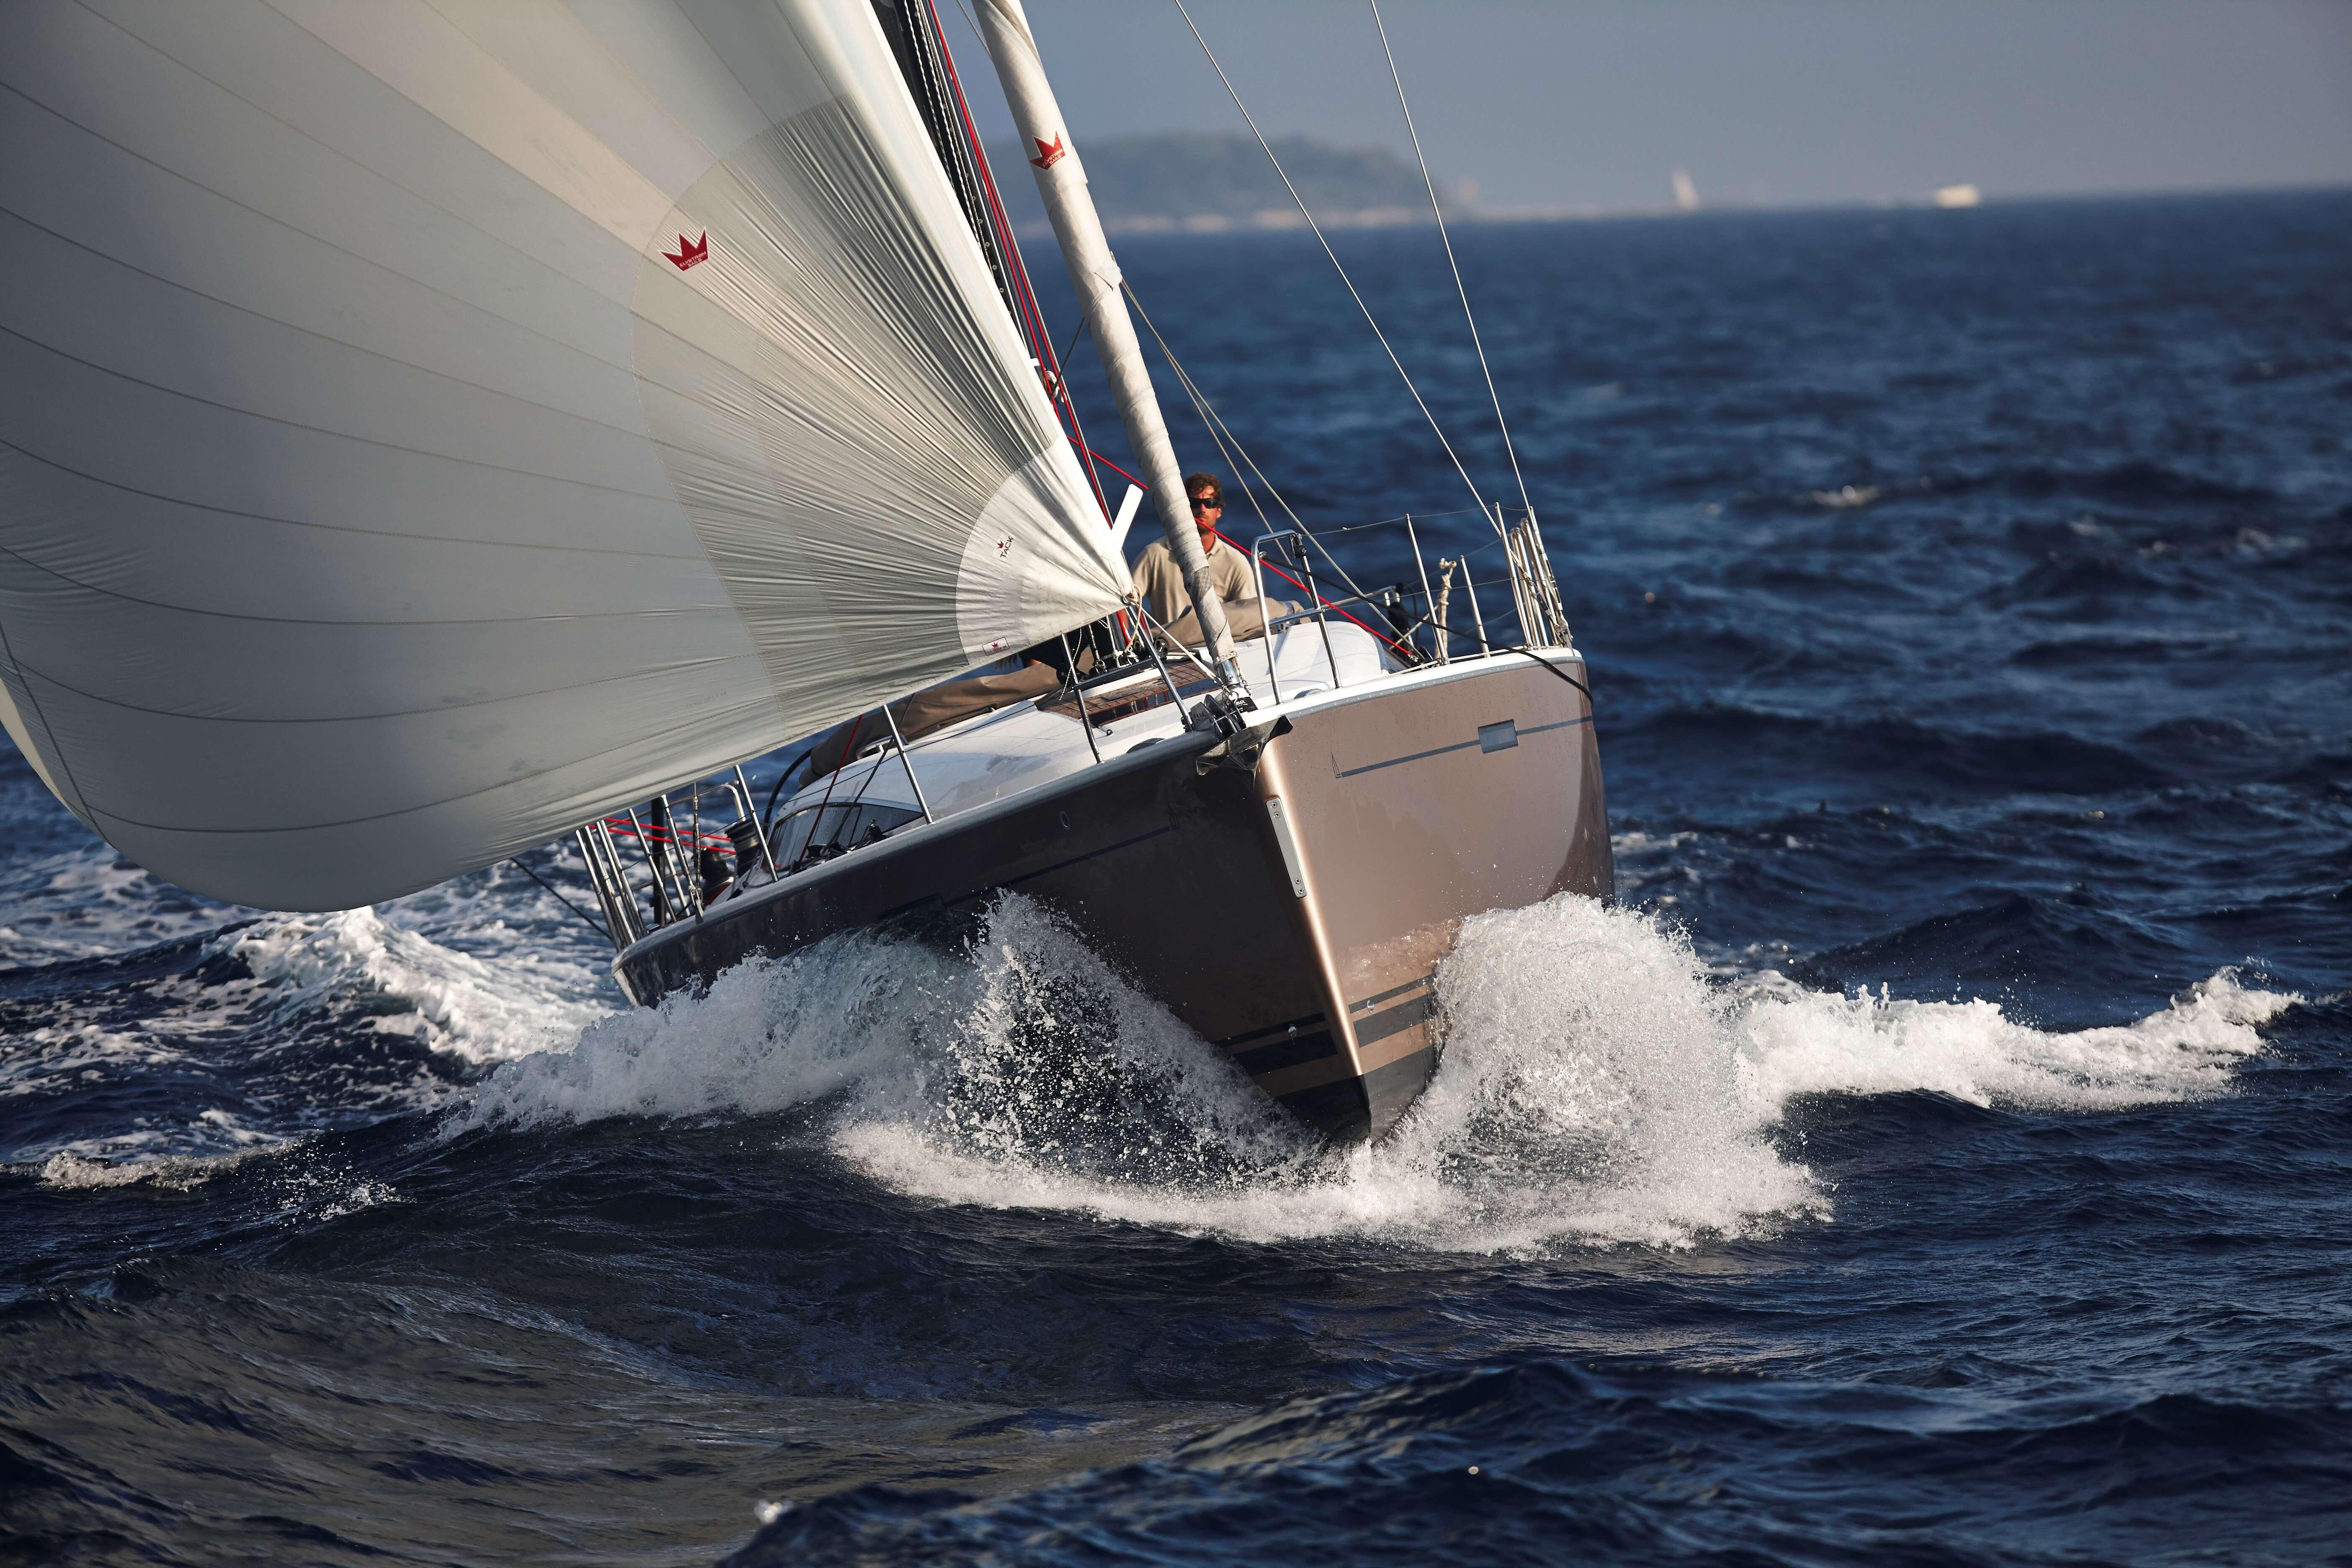 Dehler 46 Exterior Sailing | Gennaker, bow | Dehler